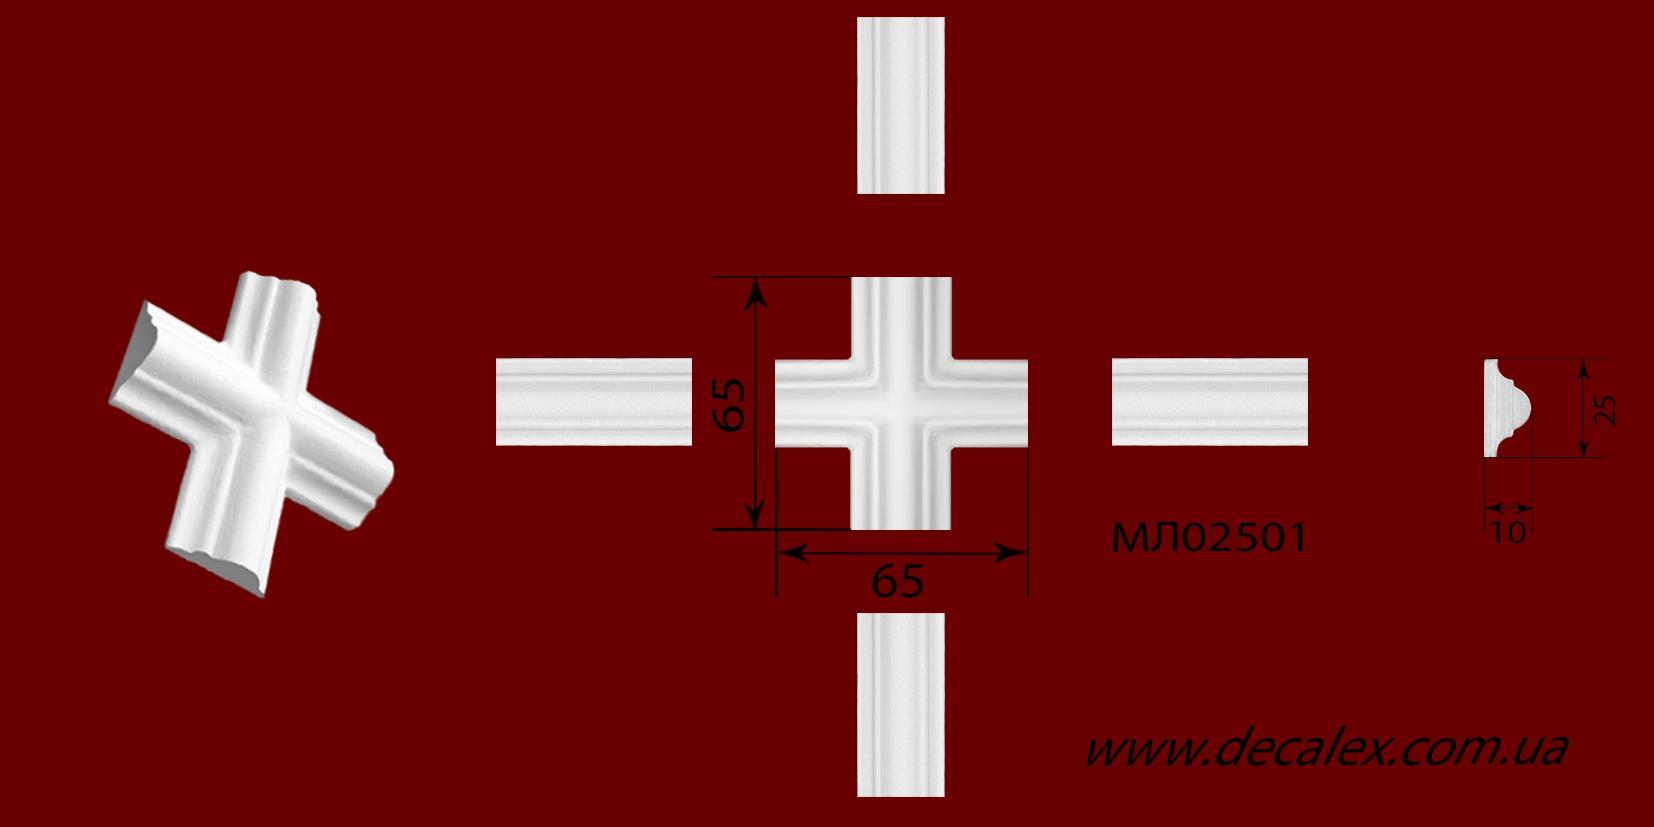 Код товара ГЛ02501-2. Угловой элемент из гипса , стыкуется с МЛ02501. Розничная цена 25 грн./шт.